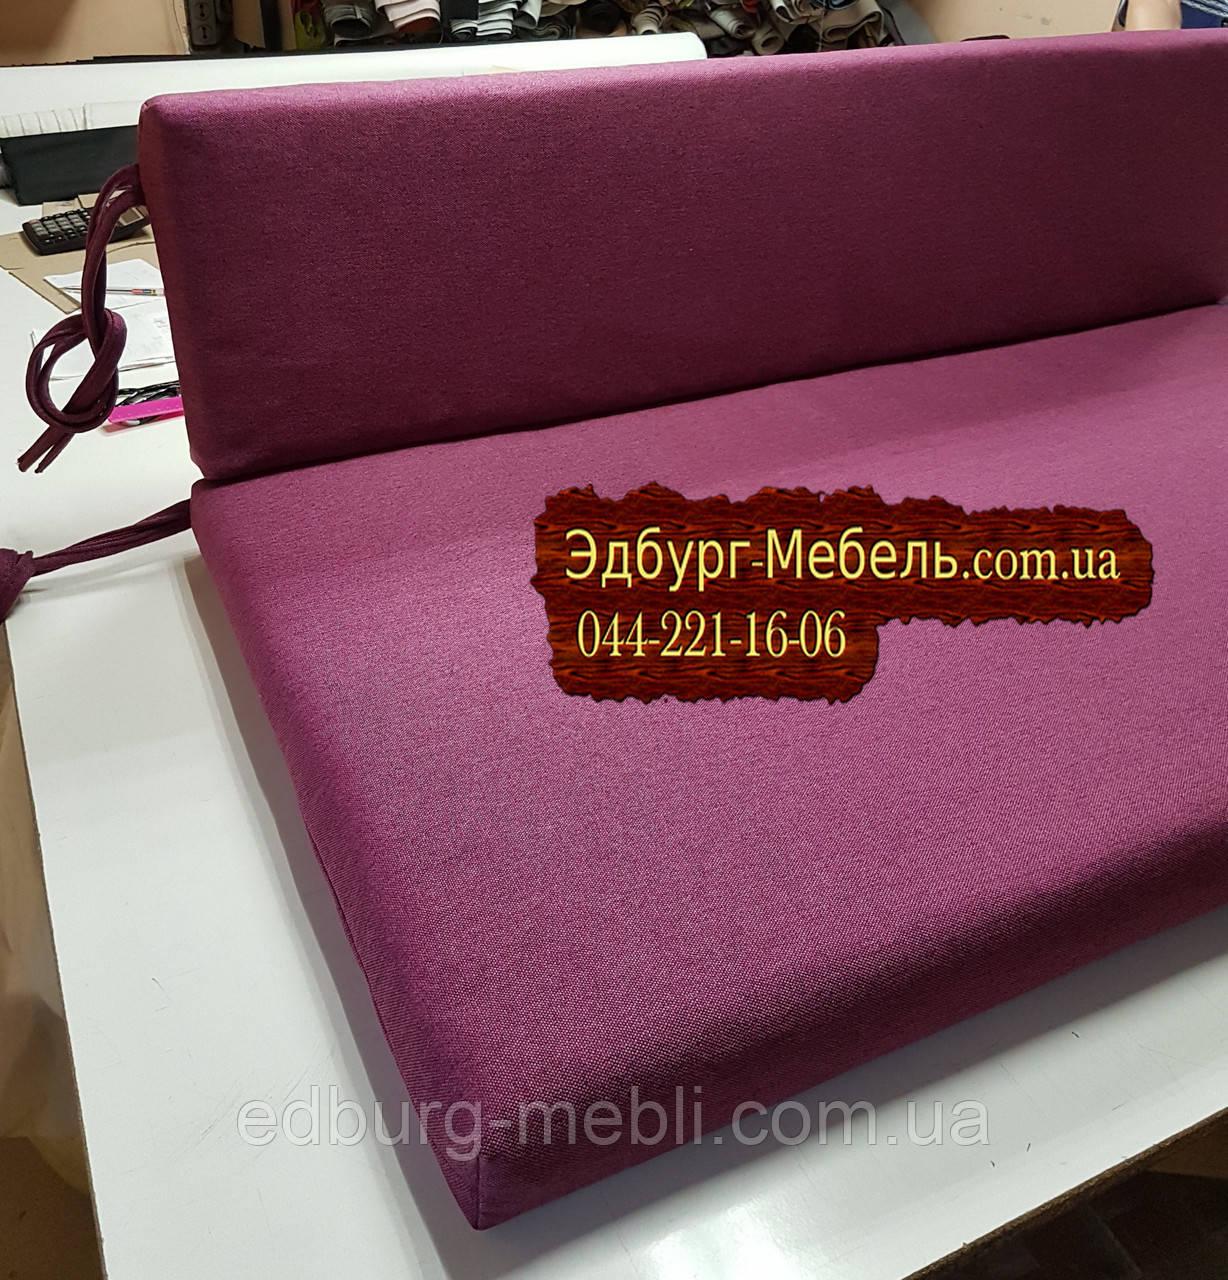 Подушки для мебели из паллет, поддонов - фото 3